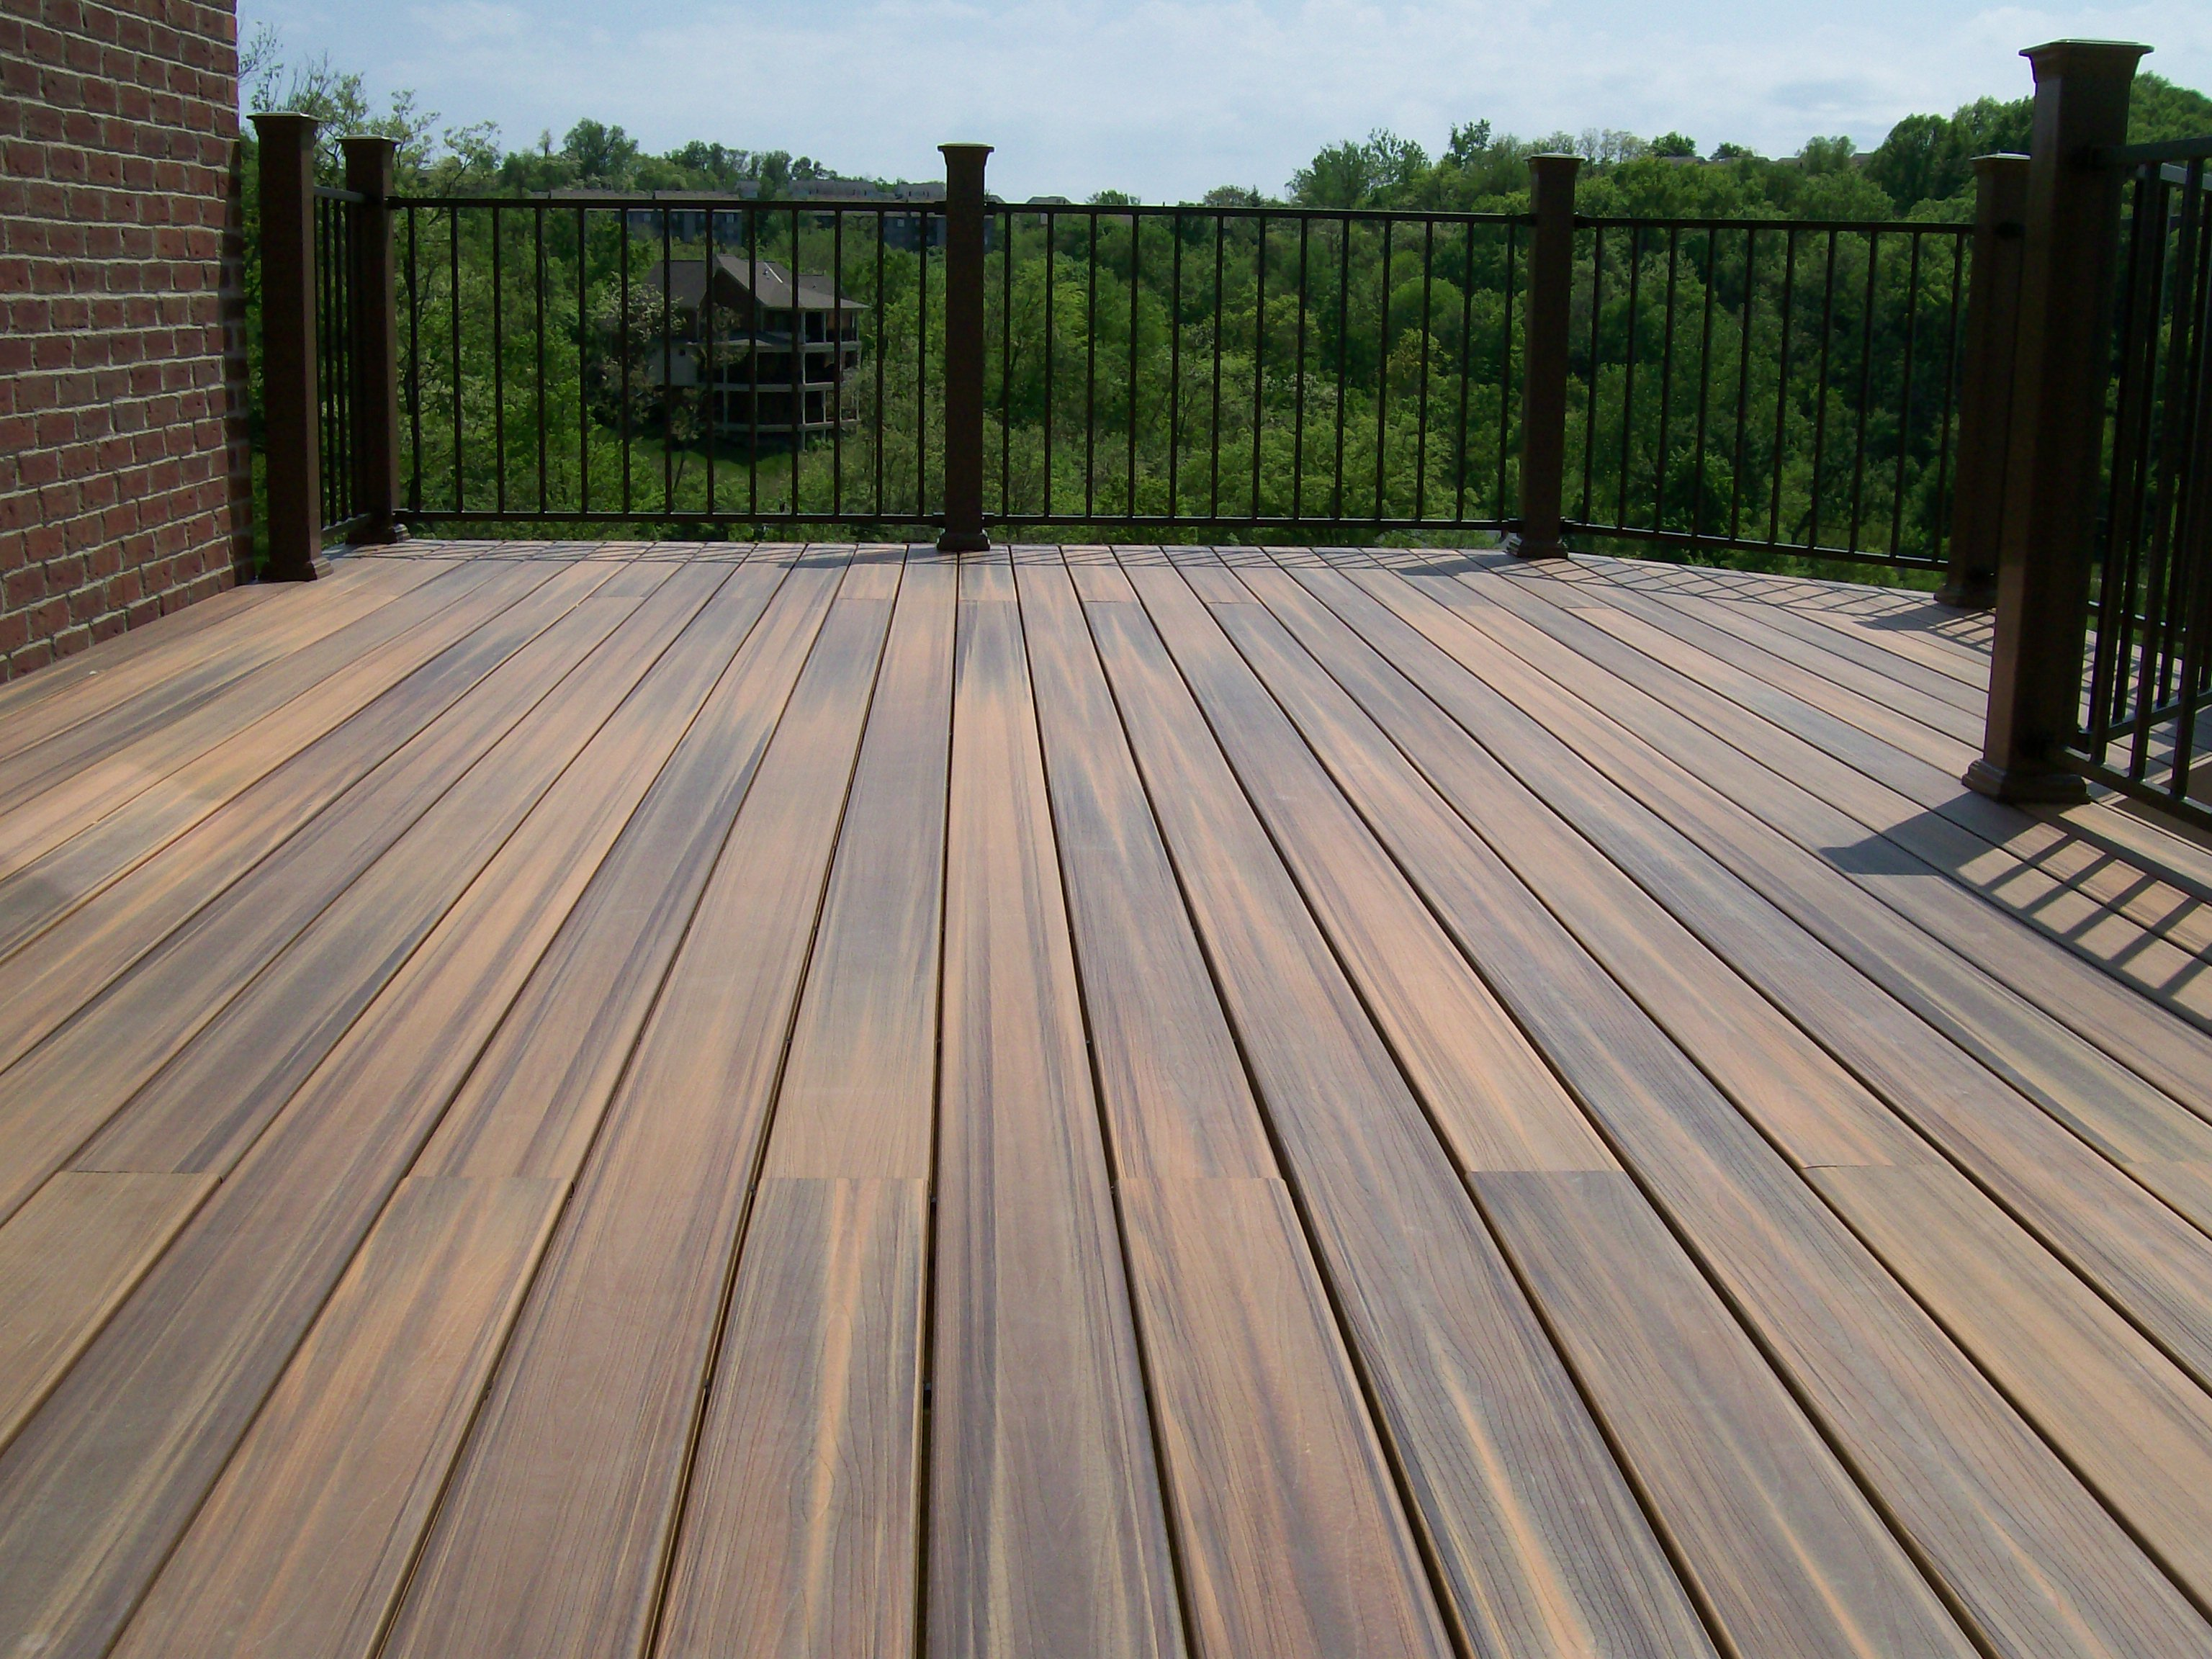 Wood Deck Frame - COLORADO DREAM DECKS